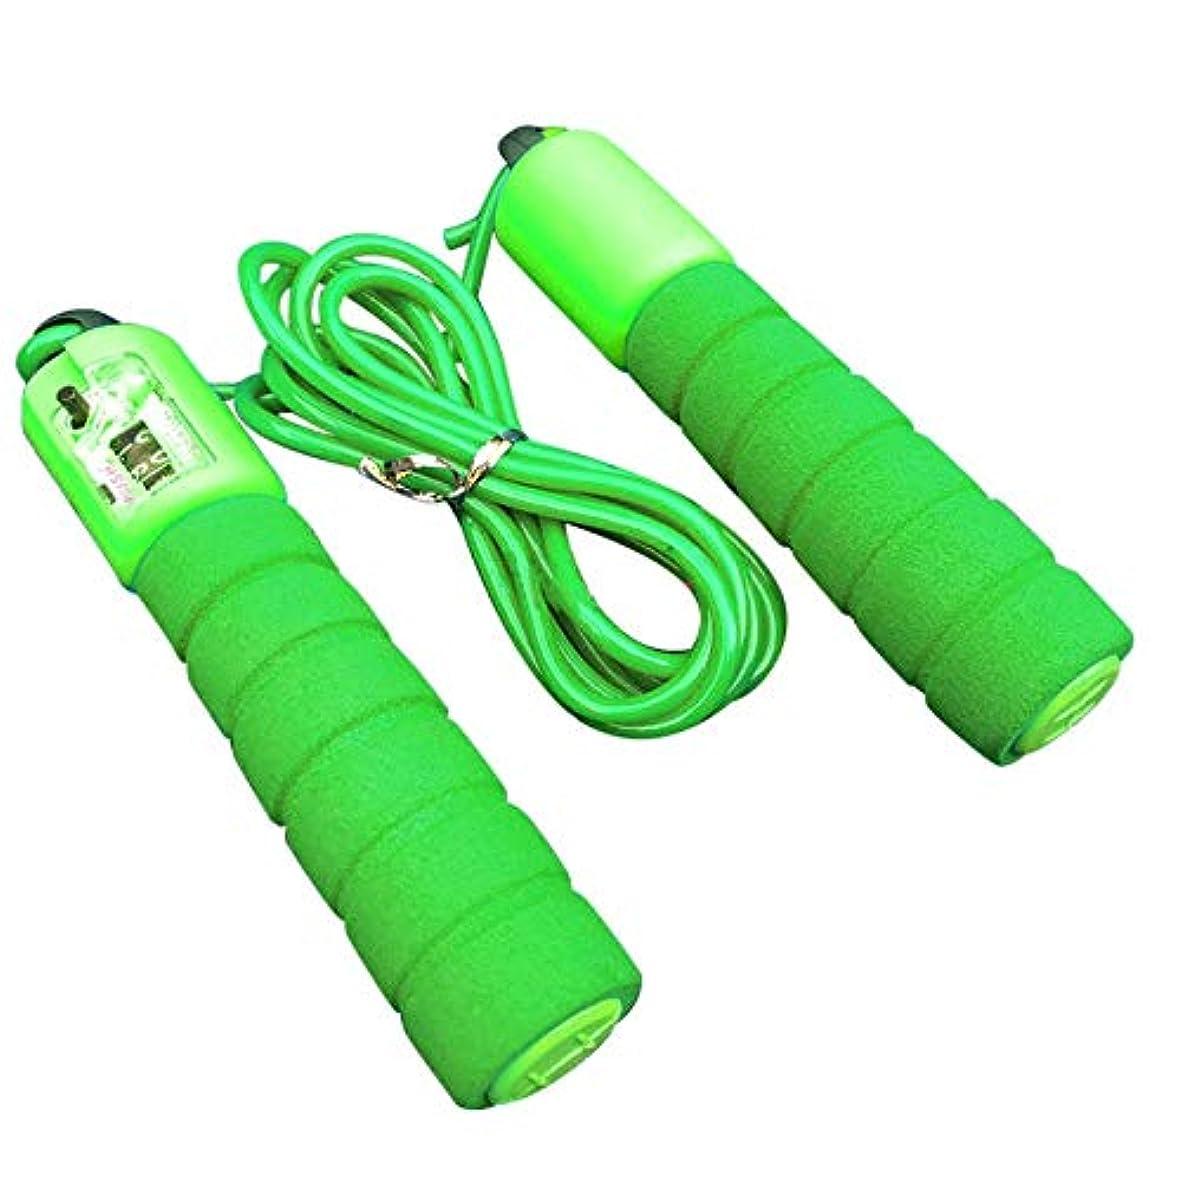 敬意を表する洗練された正当化する調節可能なプロフェッショナルカウント縄跳び自動カウントジャンプロープフィットネス運動高速カウントジャンプロープ - グリーン